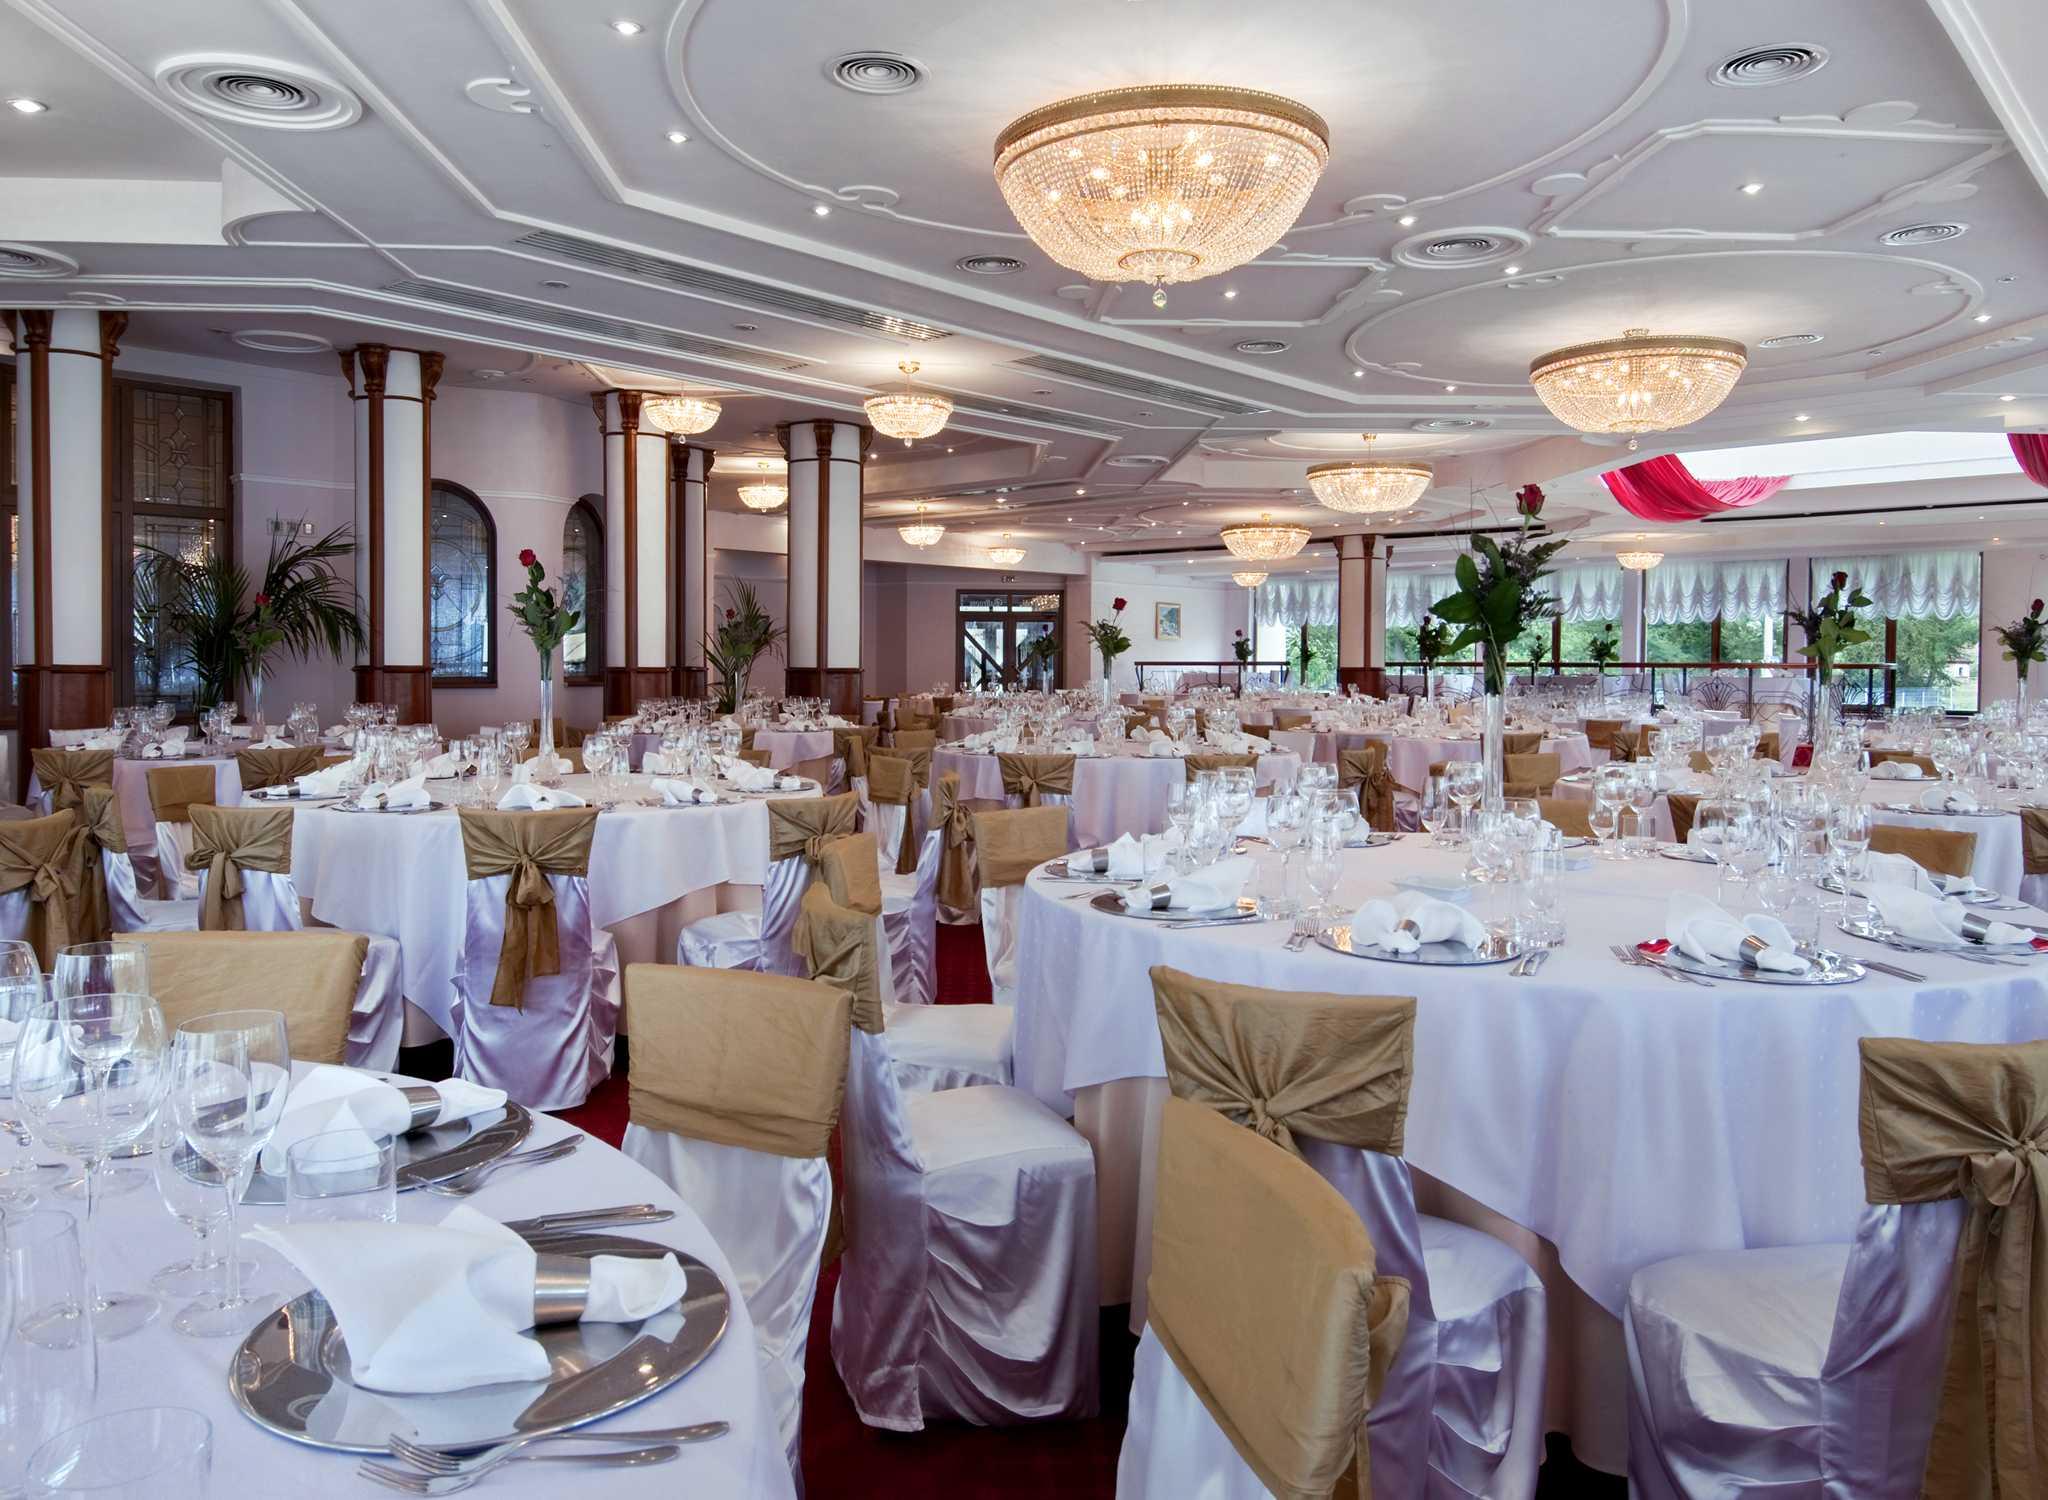 Hoteluri Sibiu Facilităţi Pentru Organizare Conferinţe Hotelul